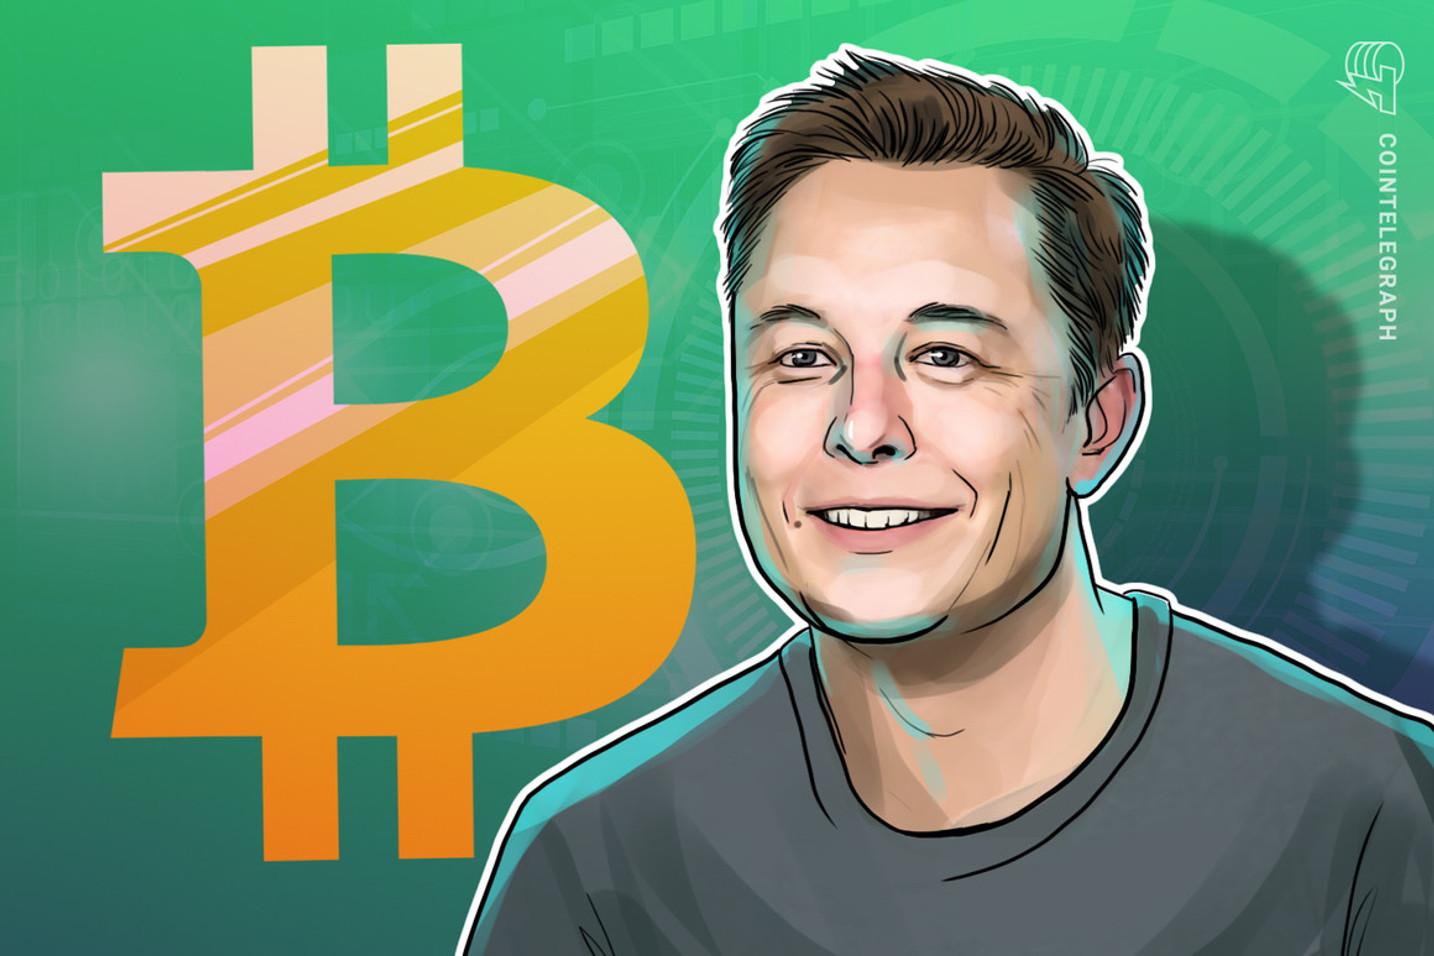 Bitcoin yükselişinin ardından yine Elon Musk çıktı!